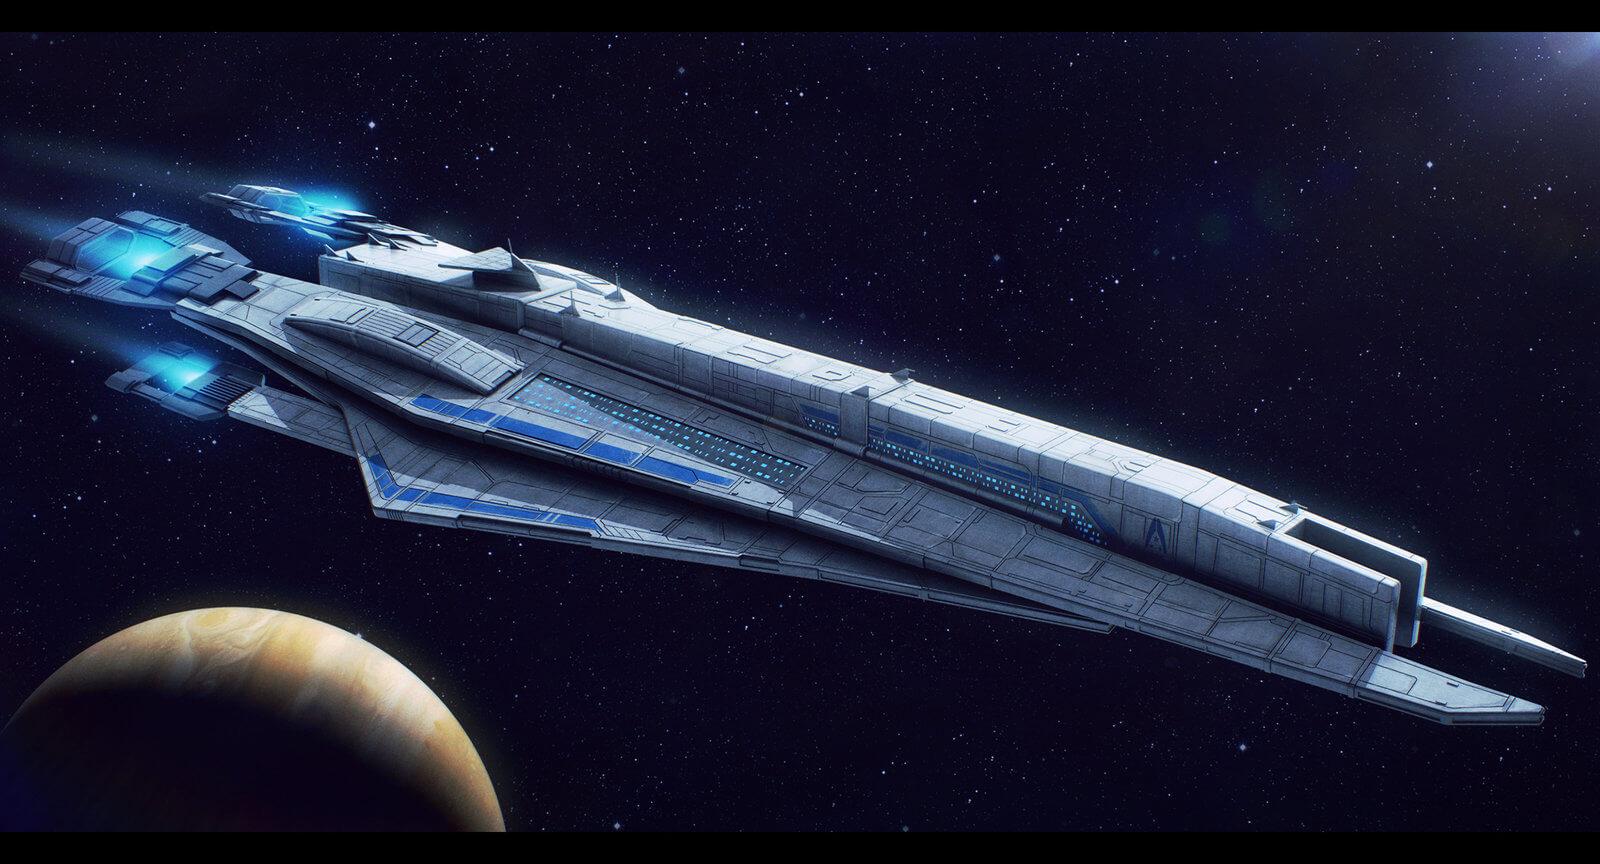 Концепты Mass Effect: Andromeda - что мы могли бы получить